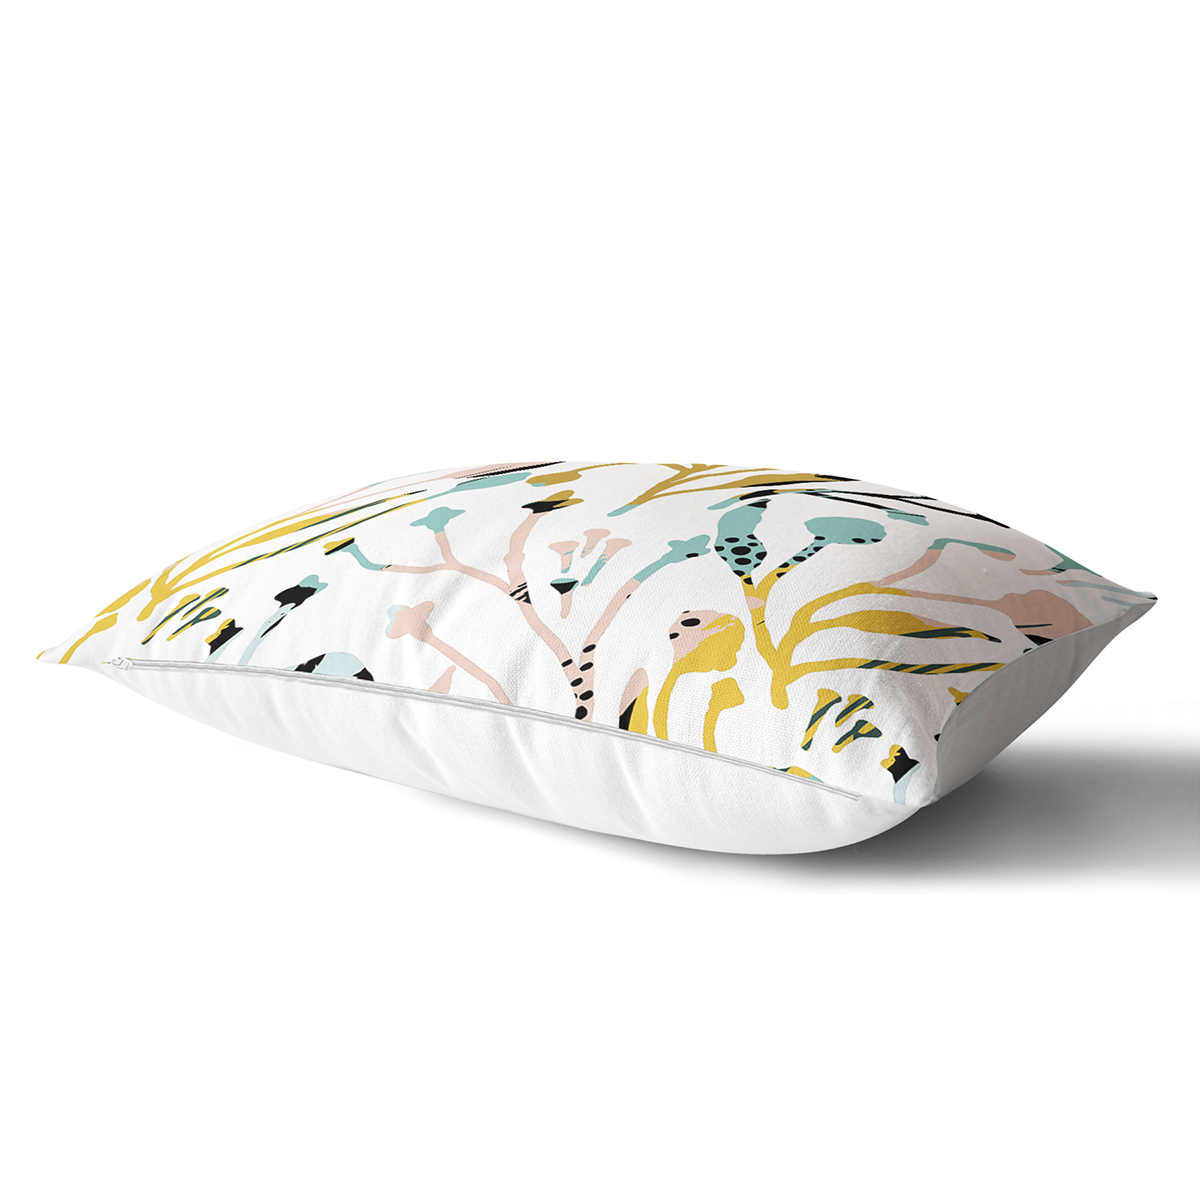 Beyaz Zemin Üzerinde Pastel Renkli Çiçek Desenli Modern Dikdörtgen Yastık Kırlent Kılıfı Realhomes